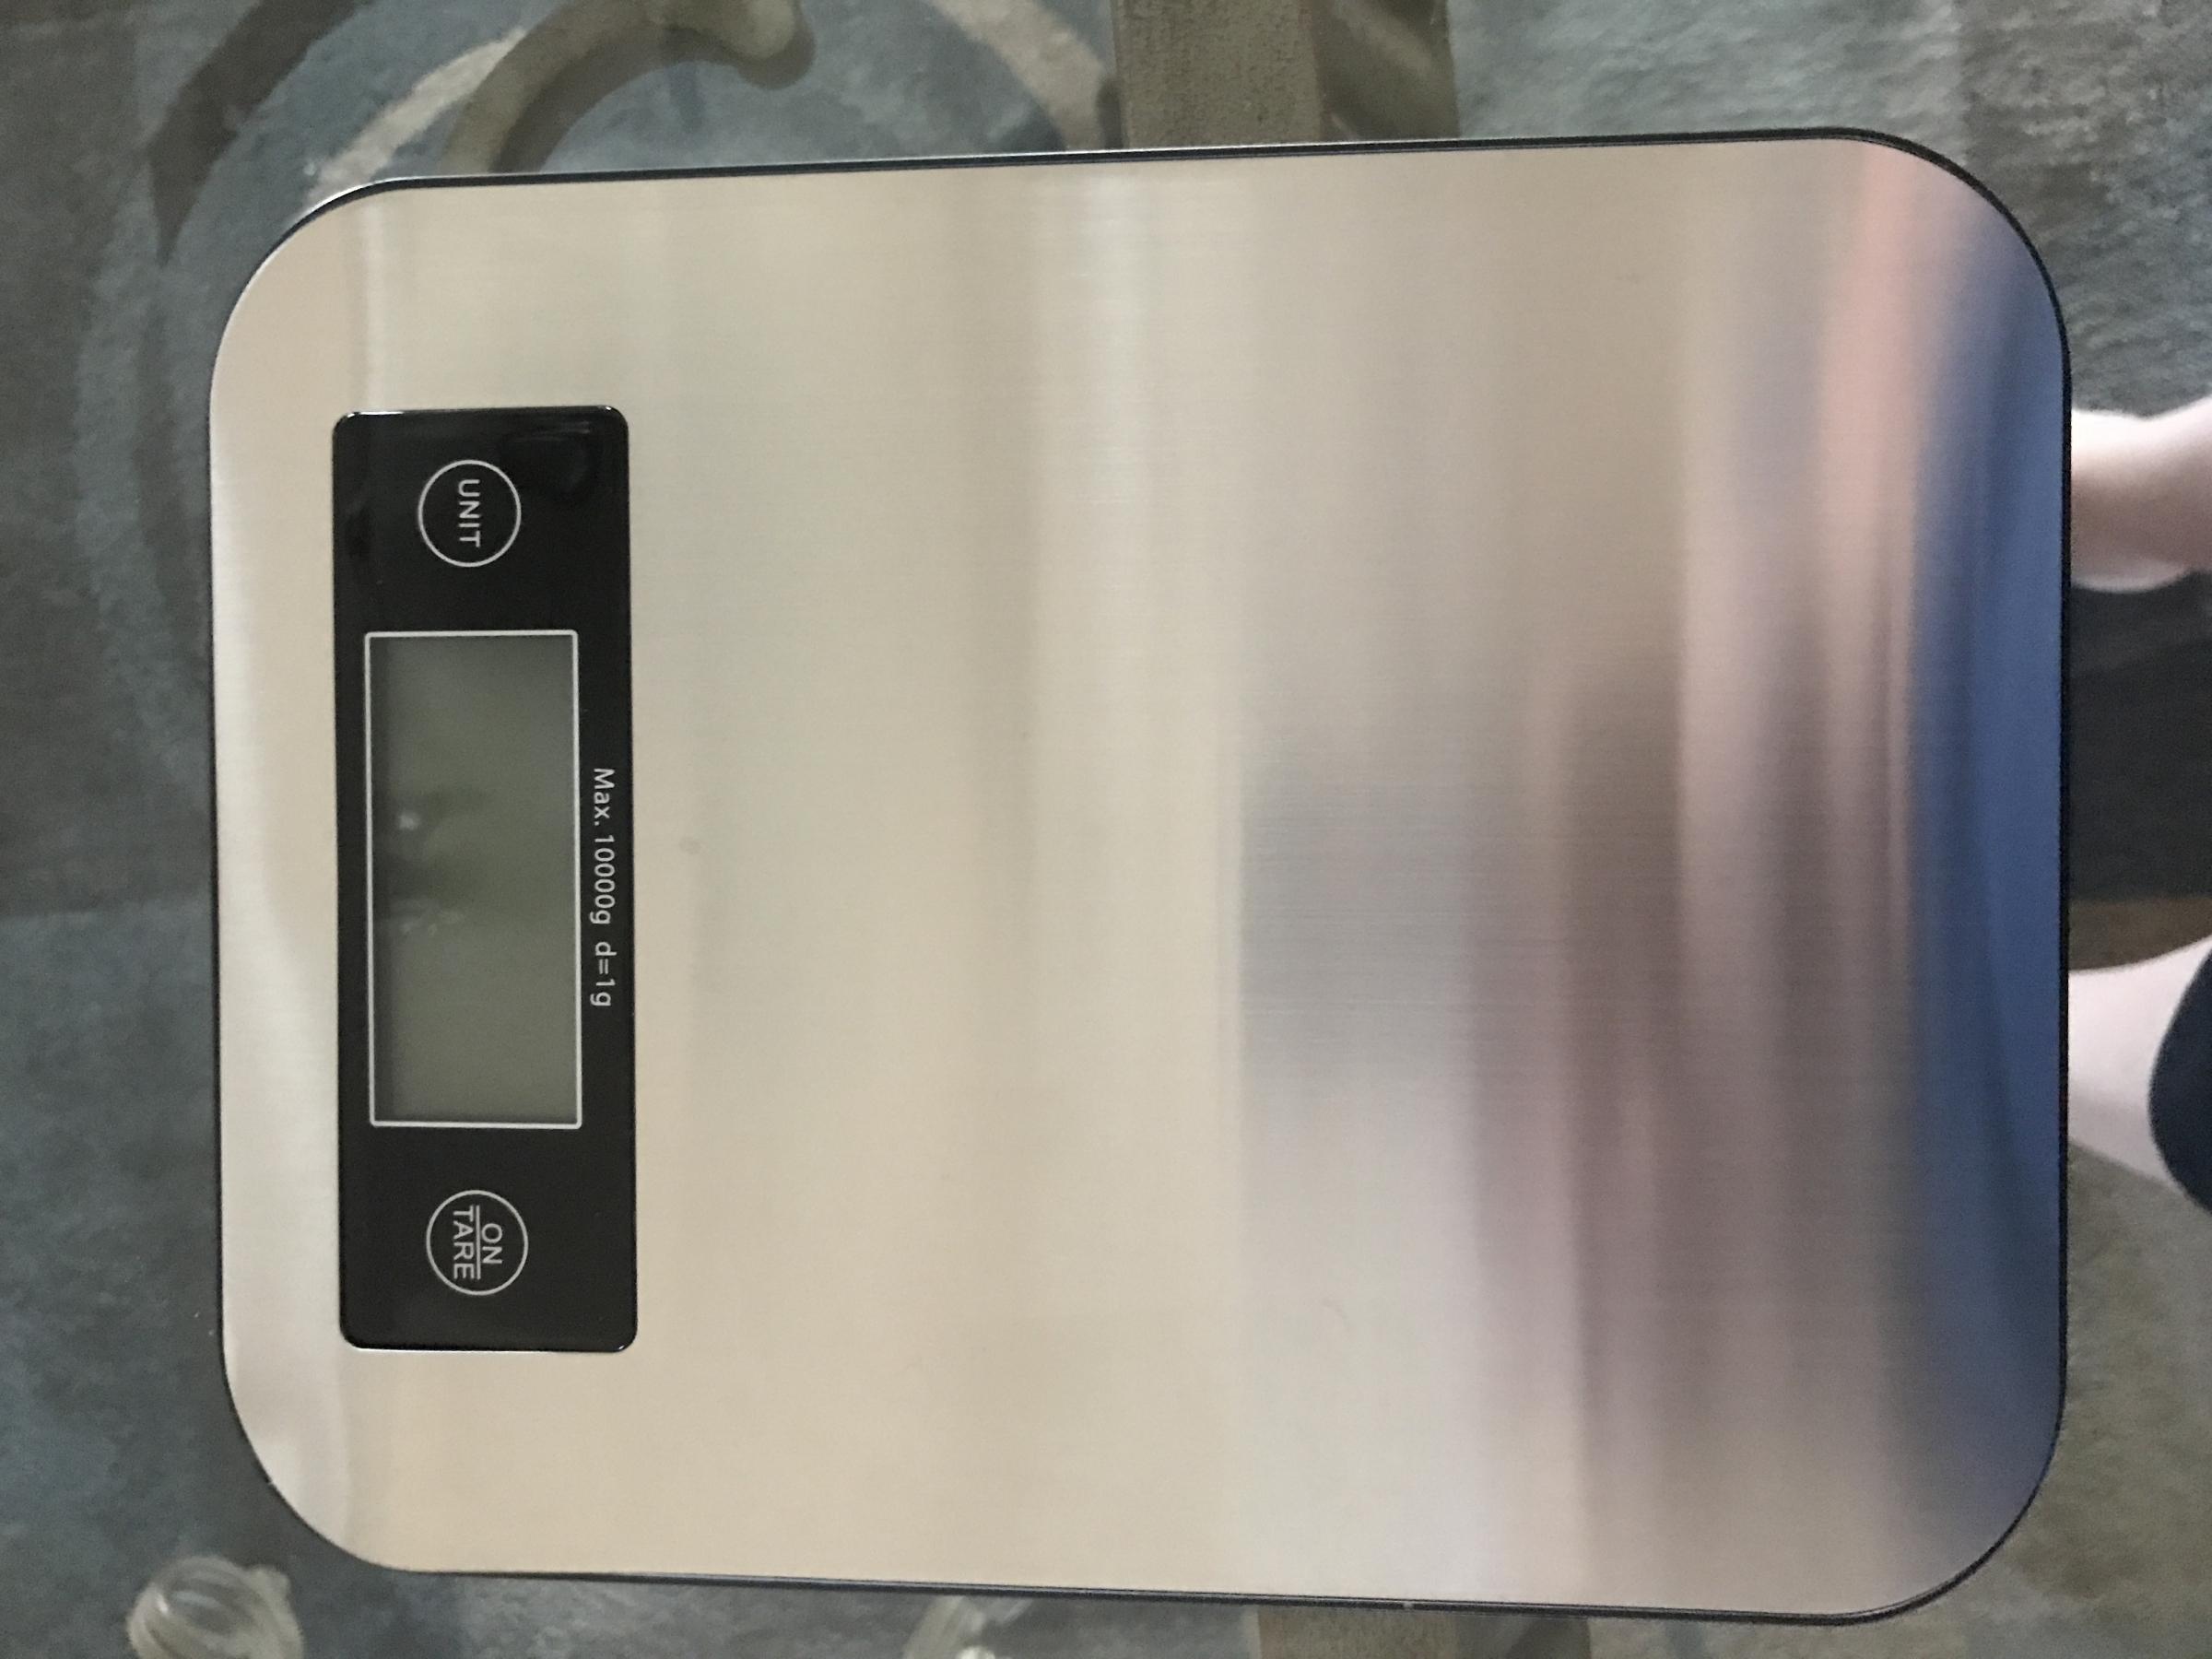 Very nice scale!